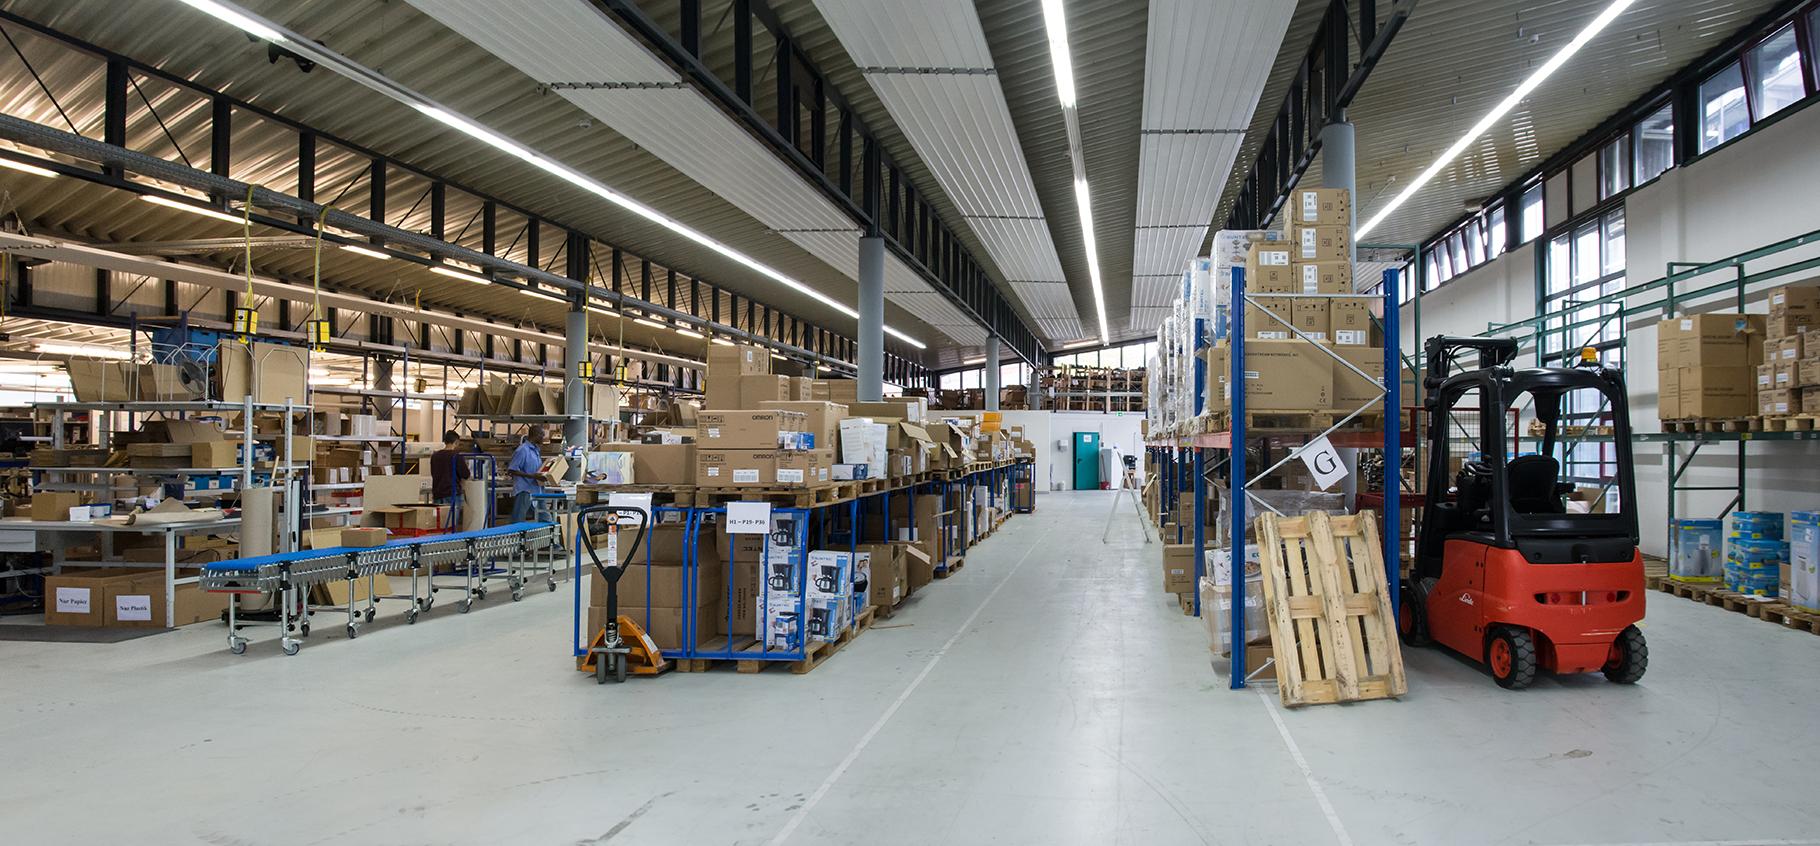 Zusätzliche Sicherheitsmaßnahmen im EOD-Lager. Der Warennachschub ist gesichert.